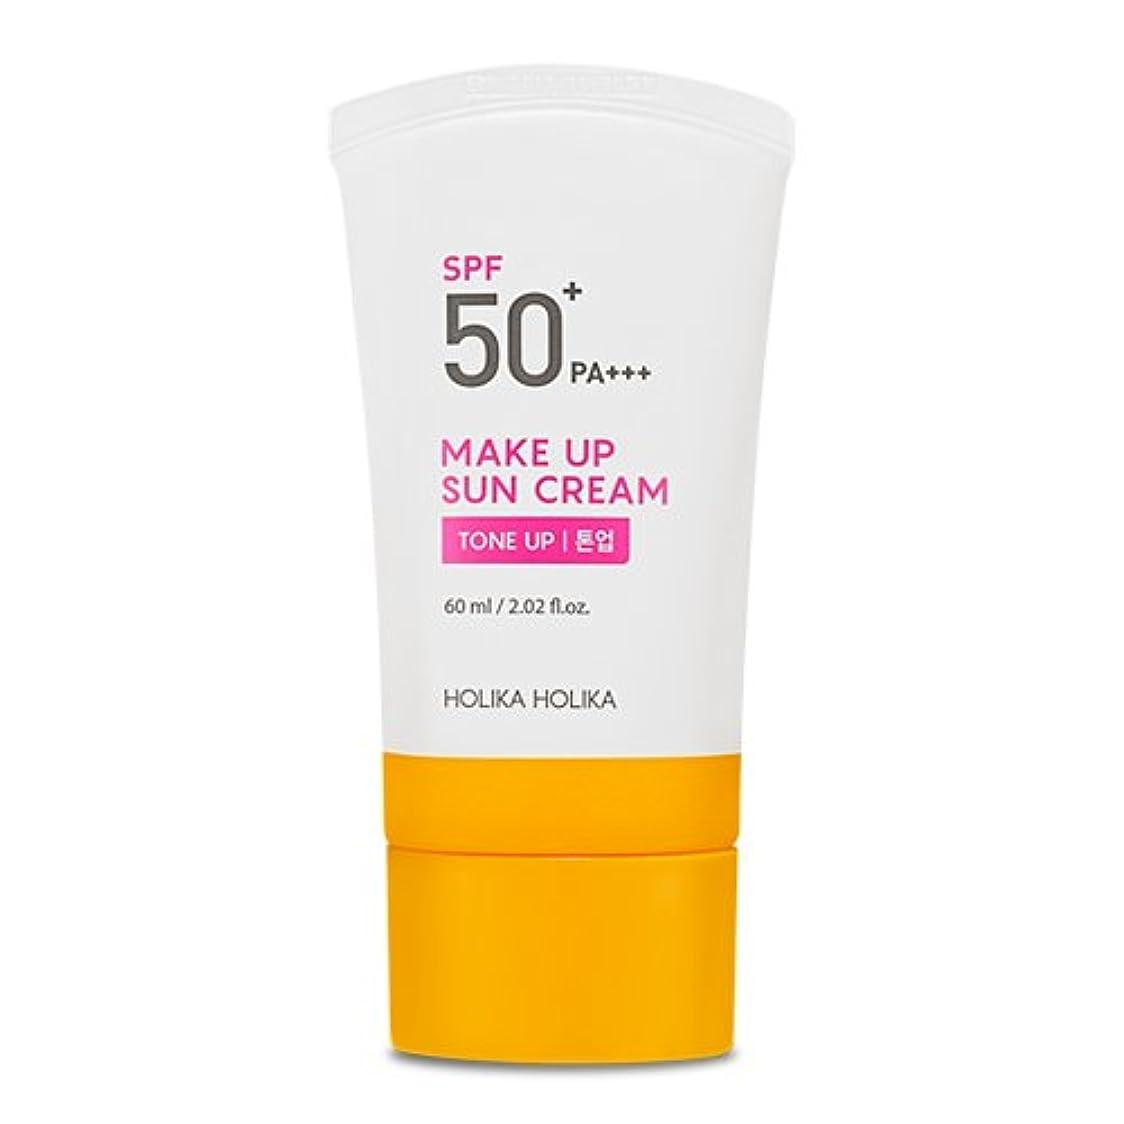 旧正月便利スラッシュ[2018]ホリカホリカ メイクアップ 日焼け止めクリーム/UVケア?Holika Holika Make Up Sun Cream SPF50+ PA+++ 60ml [並行輸入品]